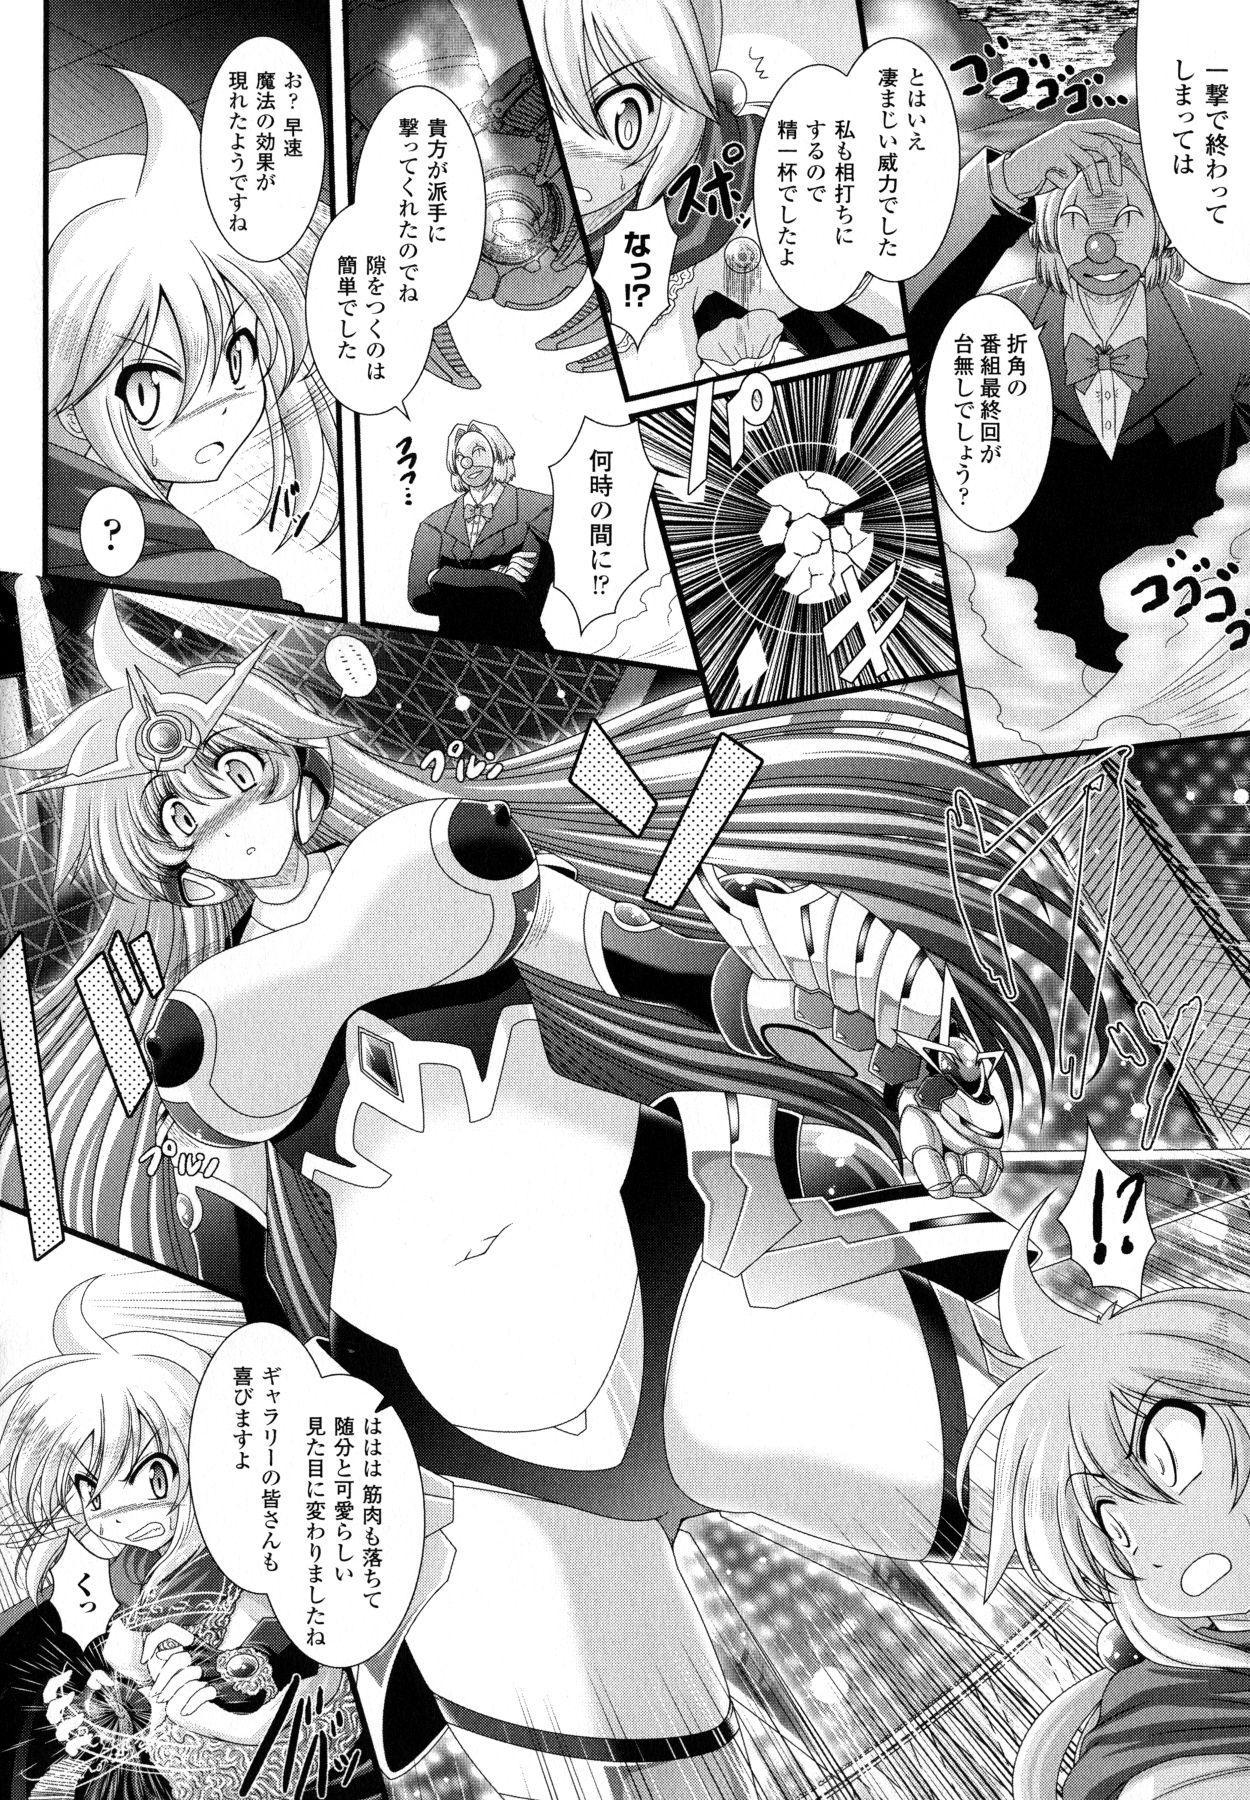 Akuma no Shitsumon 155